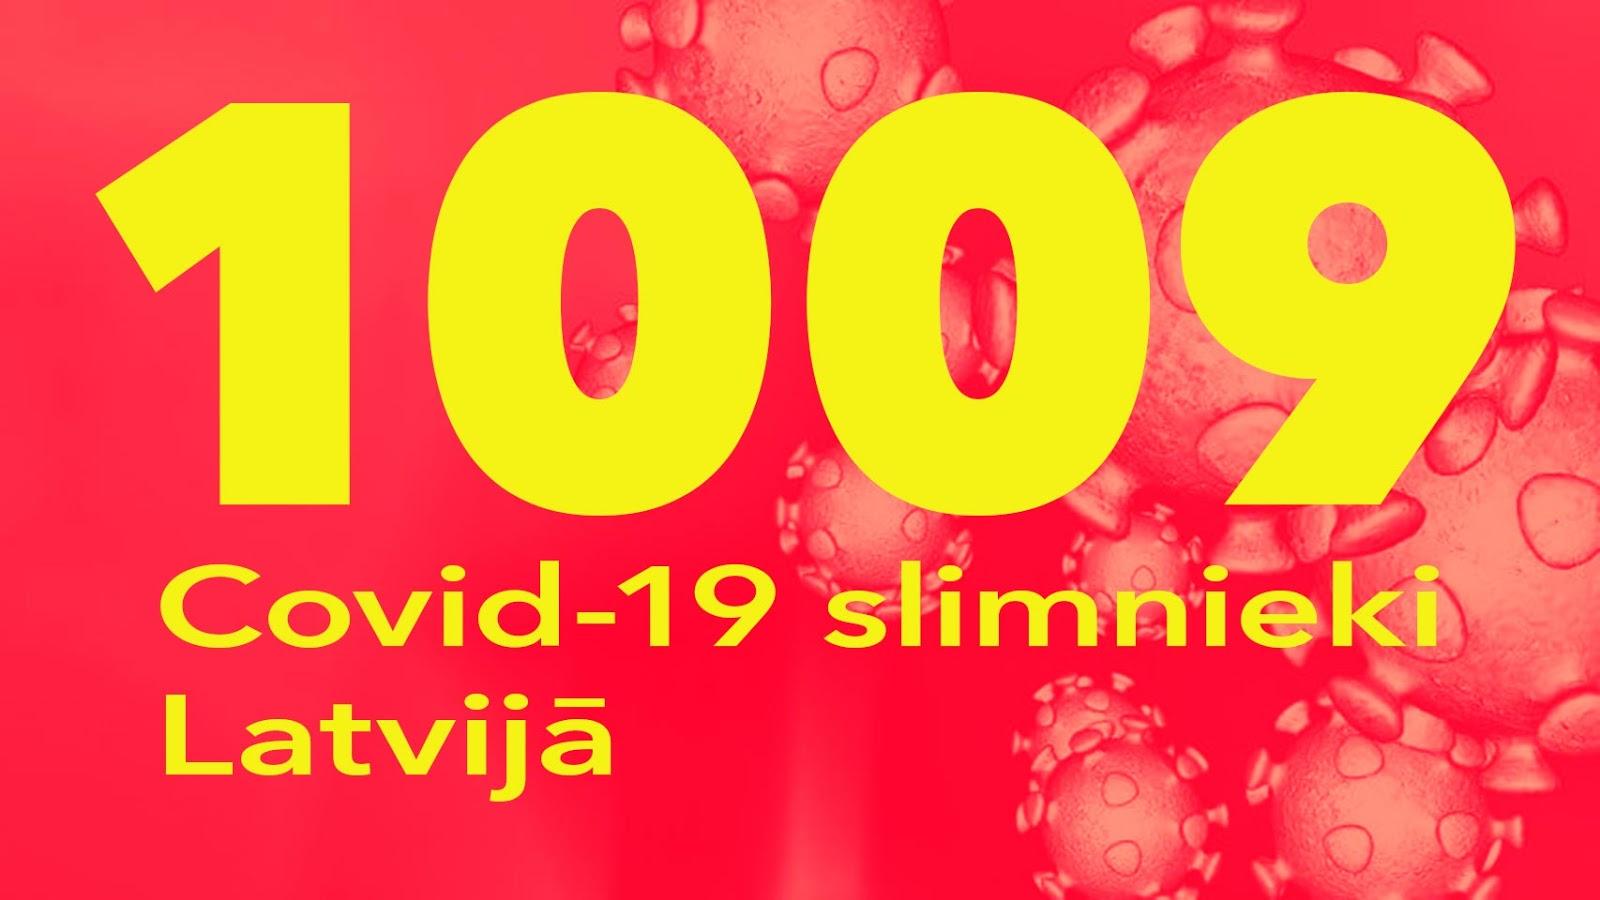 Koronavīrusa saslimušo skaits Latvijā 18.05.2020.